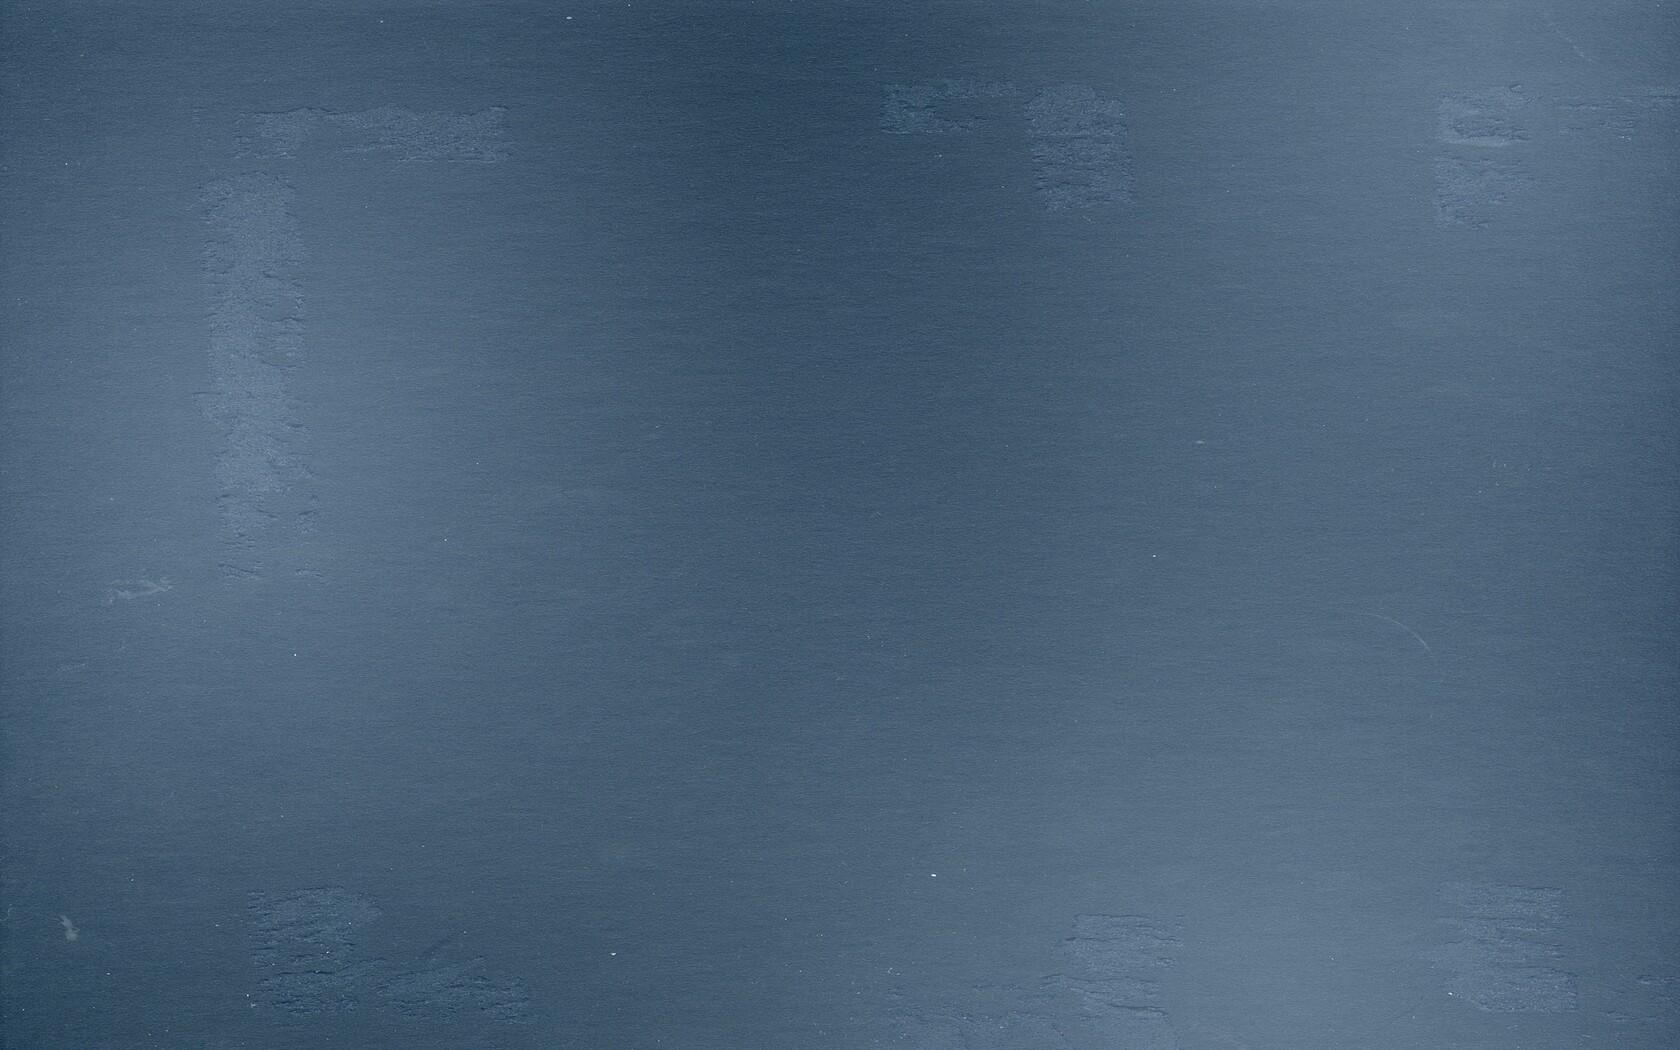 1680x1050 texture minimalism 1680x1050 resolution hd 4k wallpaperstexture minimalism wallpaper jpg